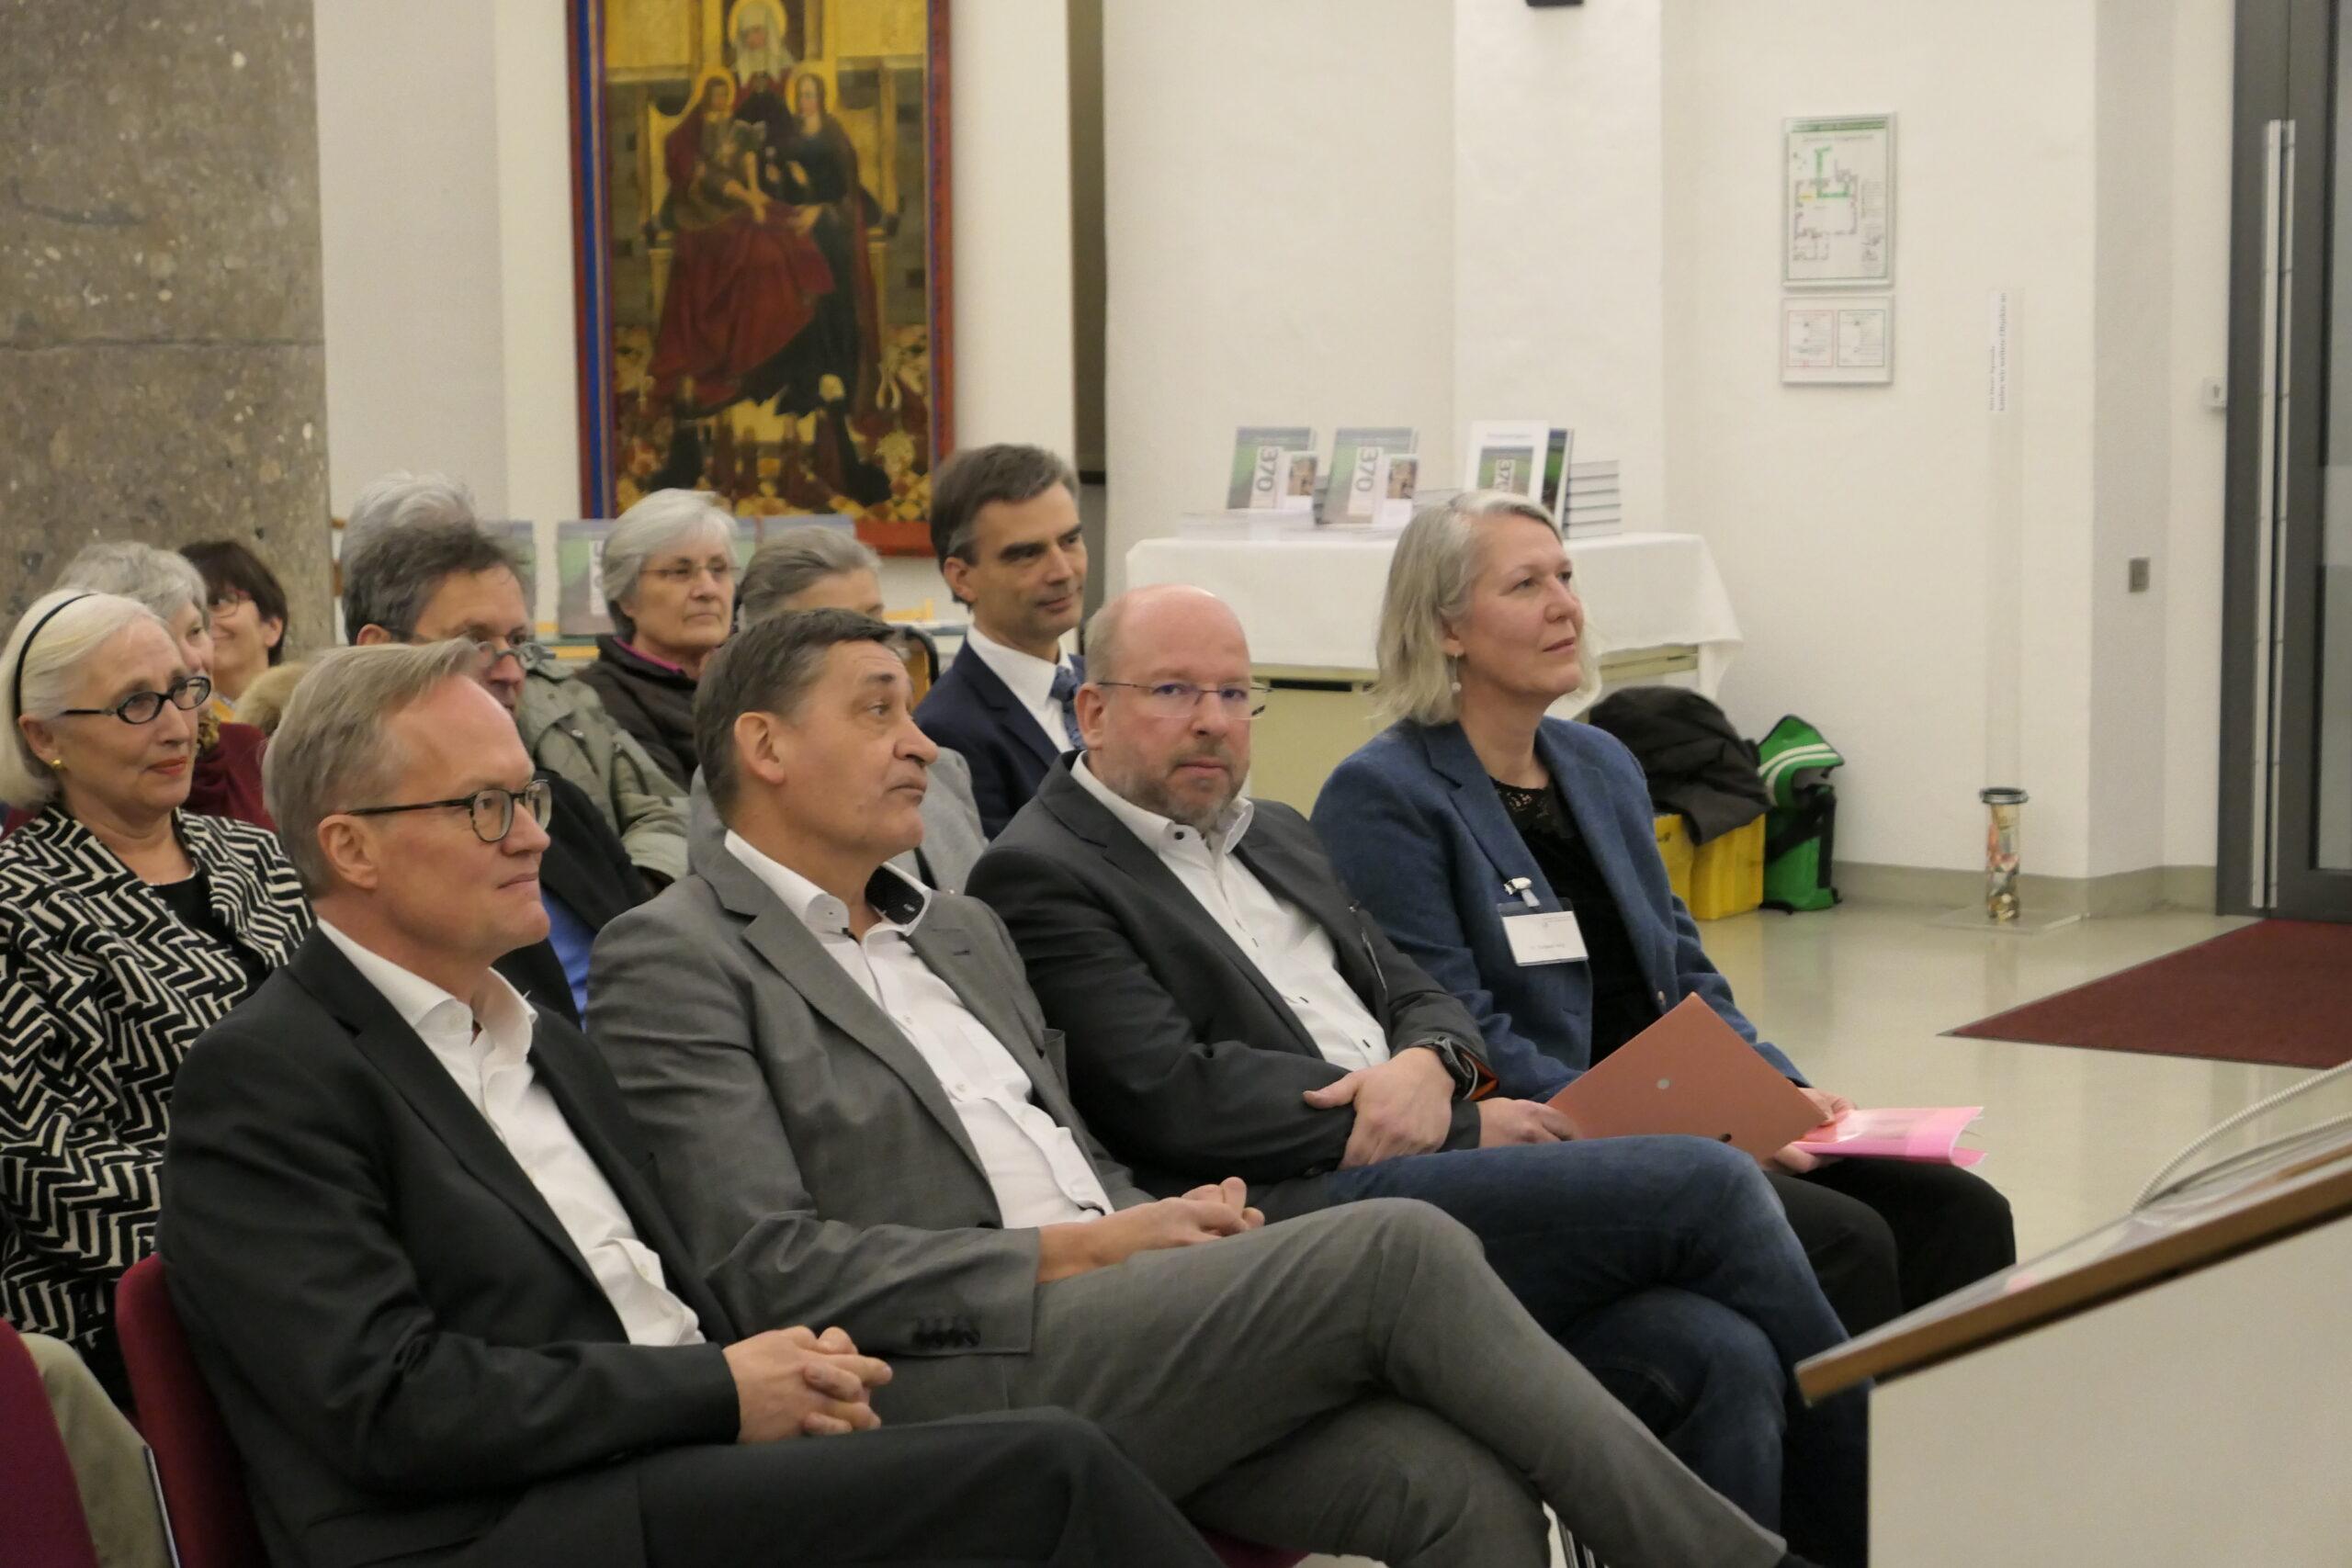 Die Vertreter der drei Landesdenkmal- ämter und EPS-Geschäftsführer Dirk Dronia, hinten Mitte (Bild 2)